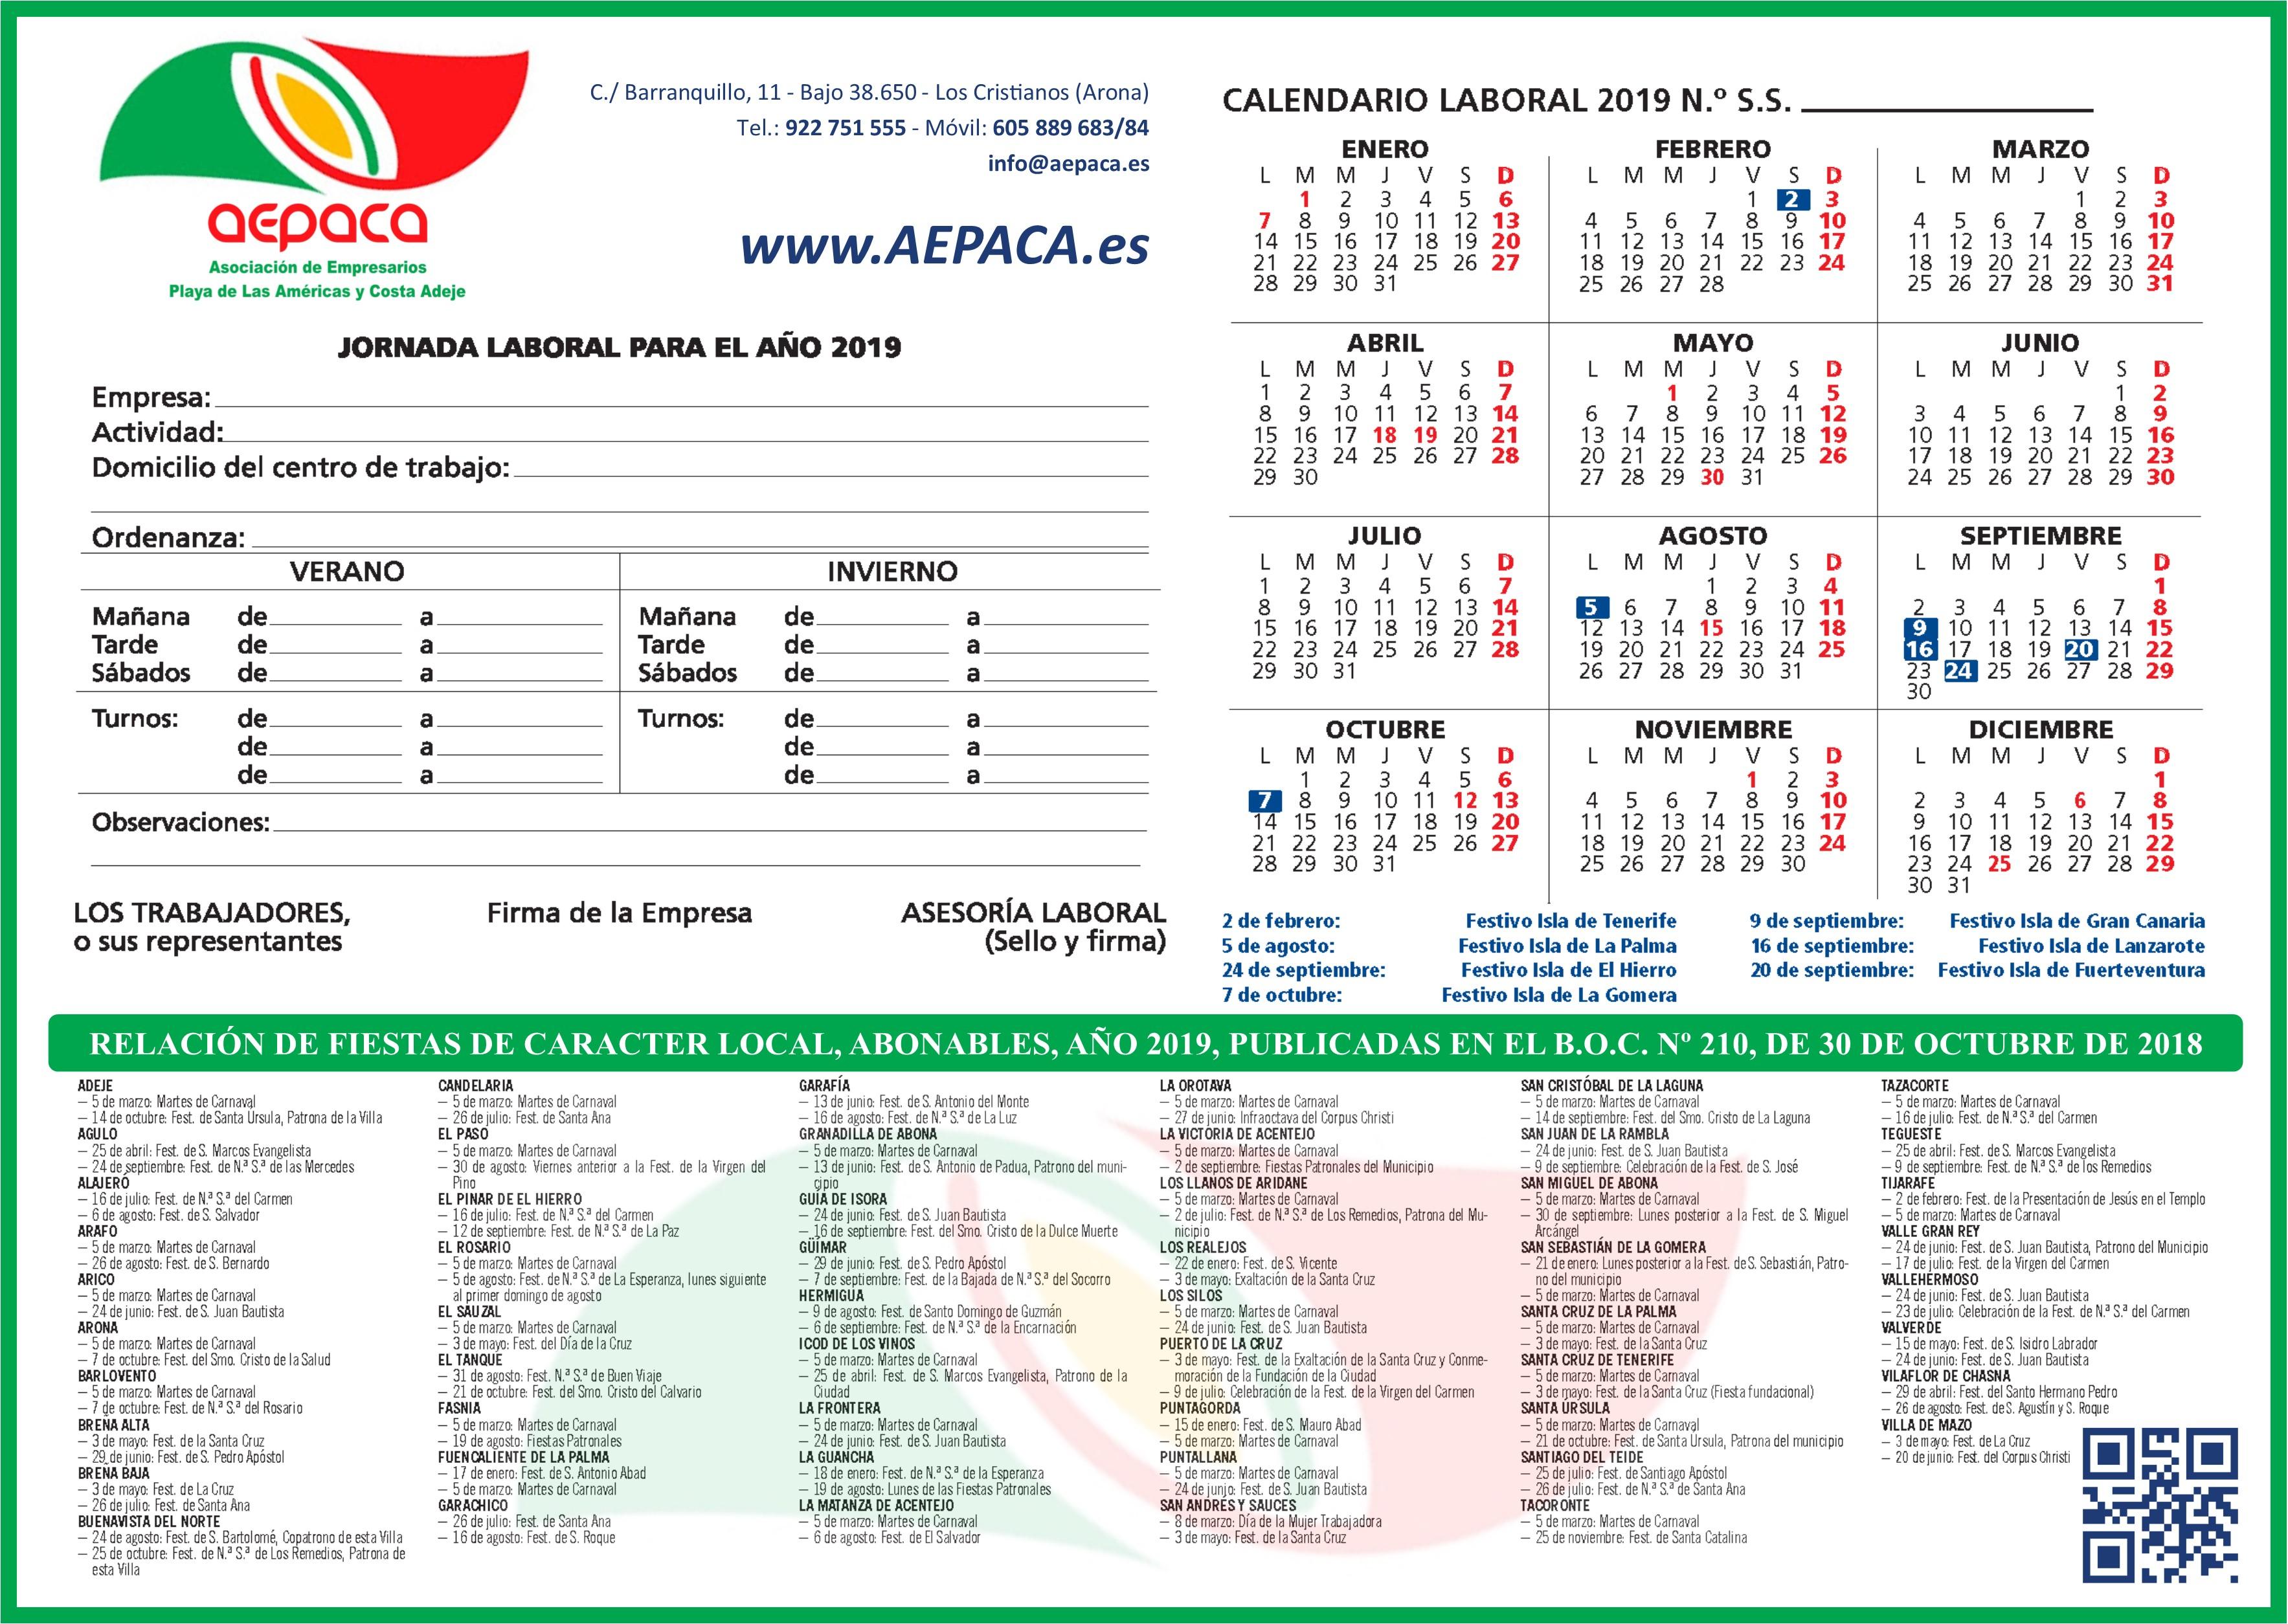 Calendario Laboral Tenerife 2019.Calendario Laboral 2019 A E P A C A Asociacion De Empresarios